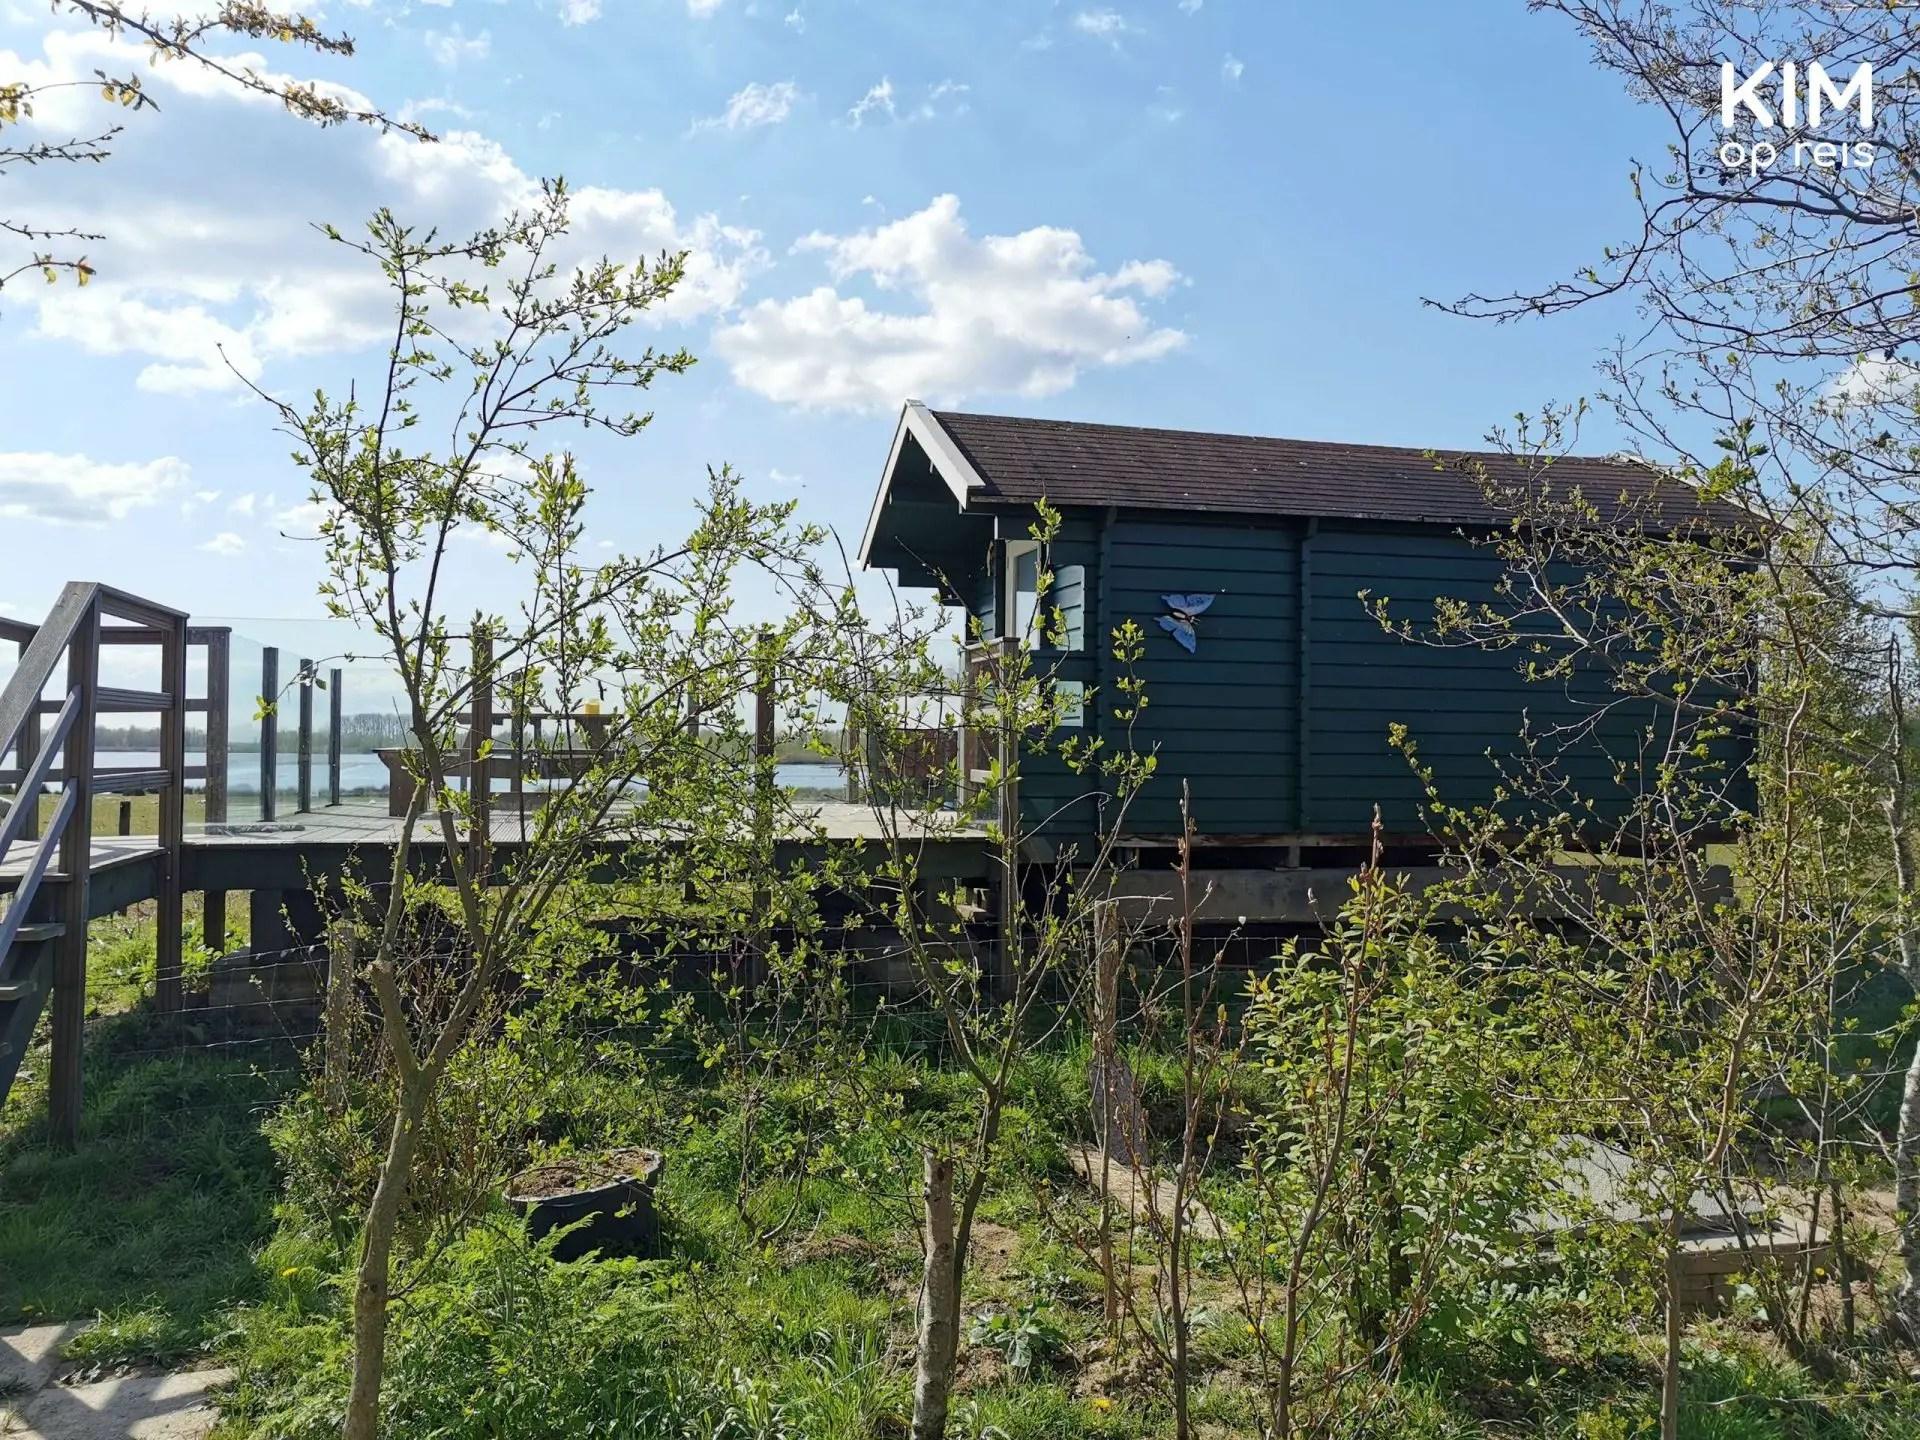 Trekkershut De Zeearend Biesboschvakantie: groene houten trekkershut met terras tussen opkomende boompjes